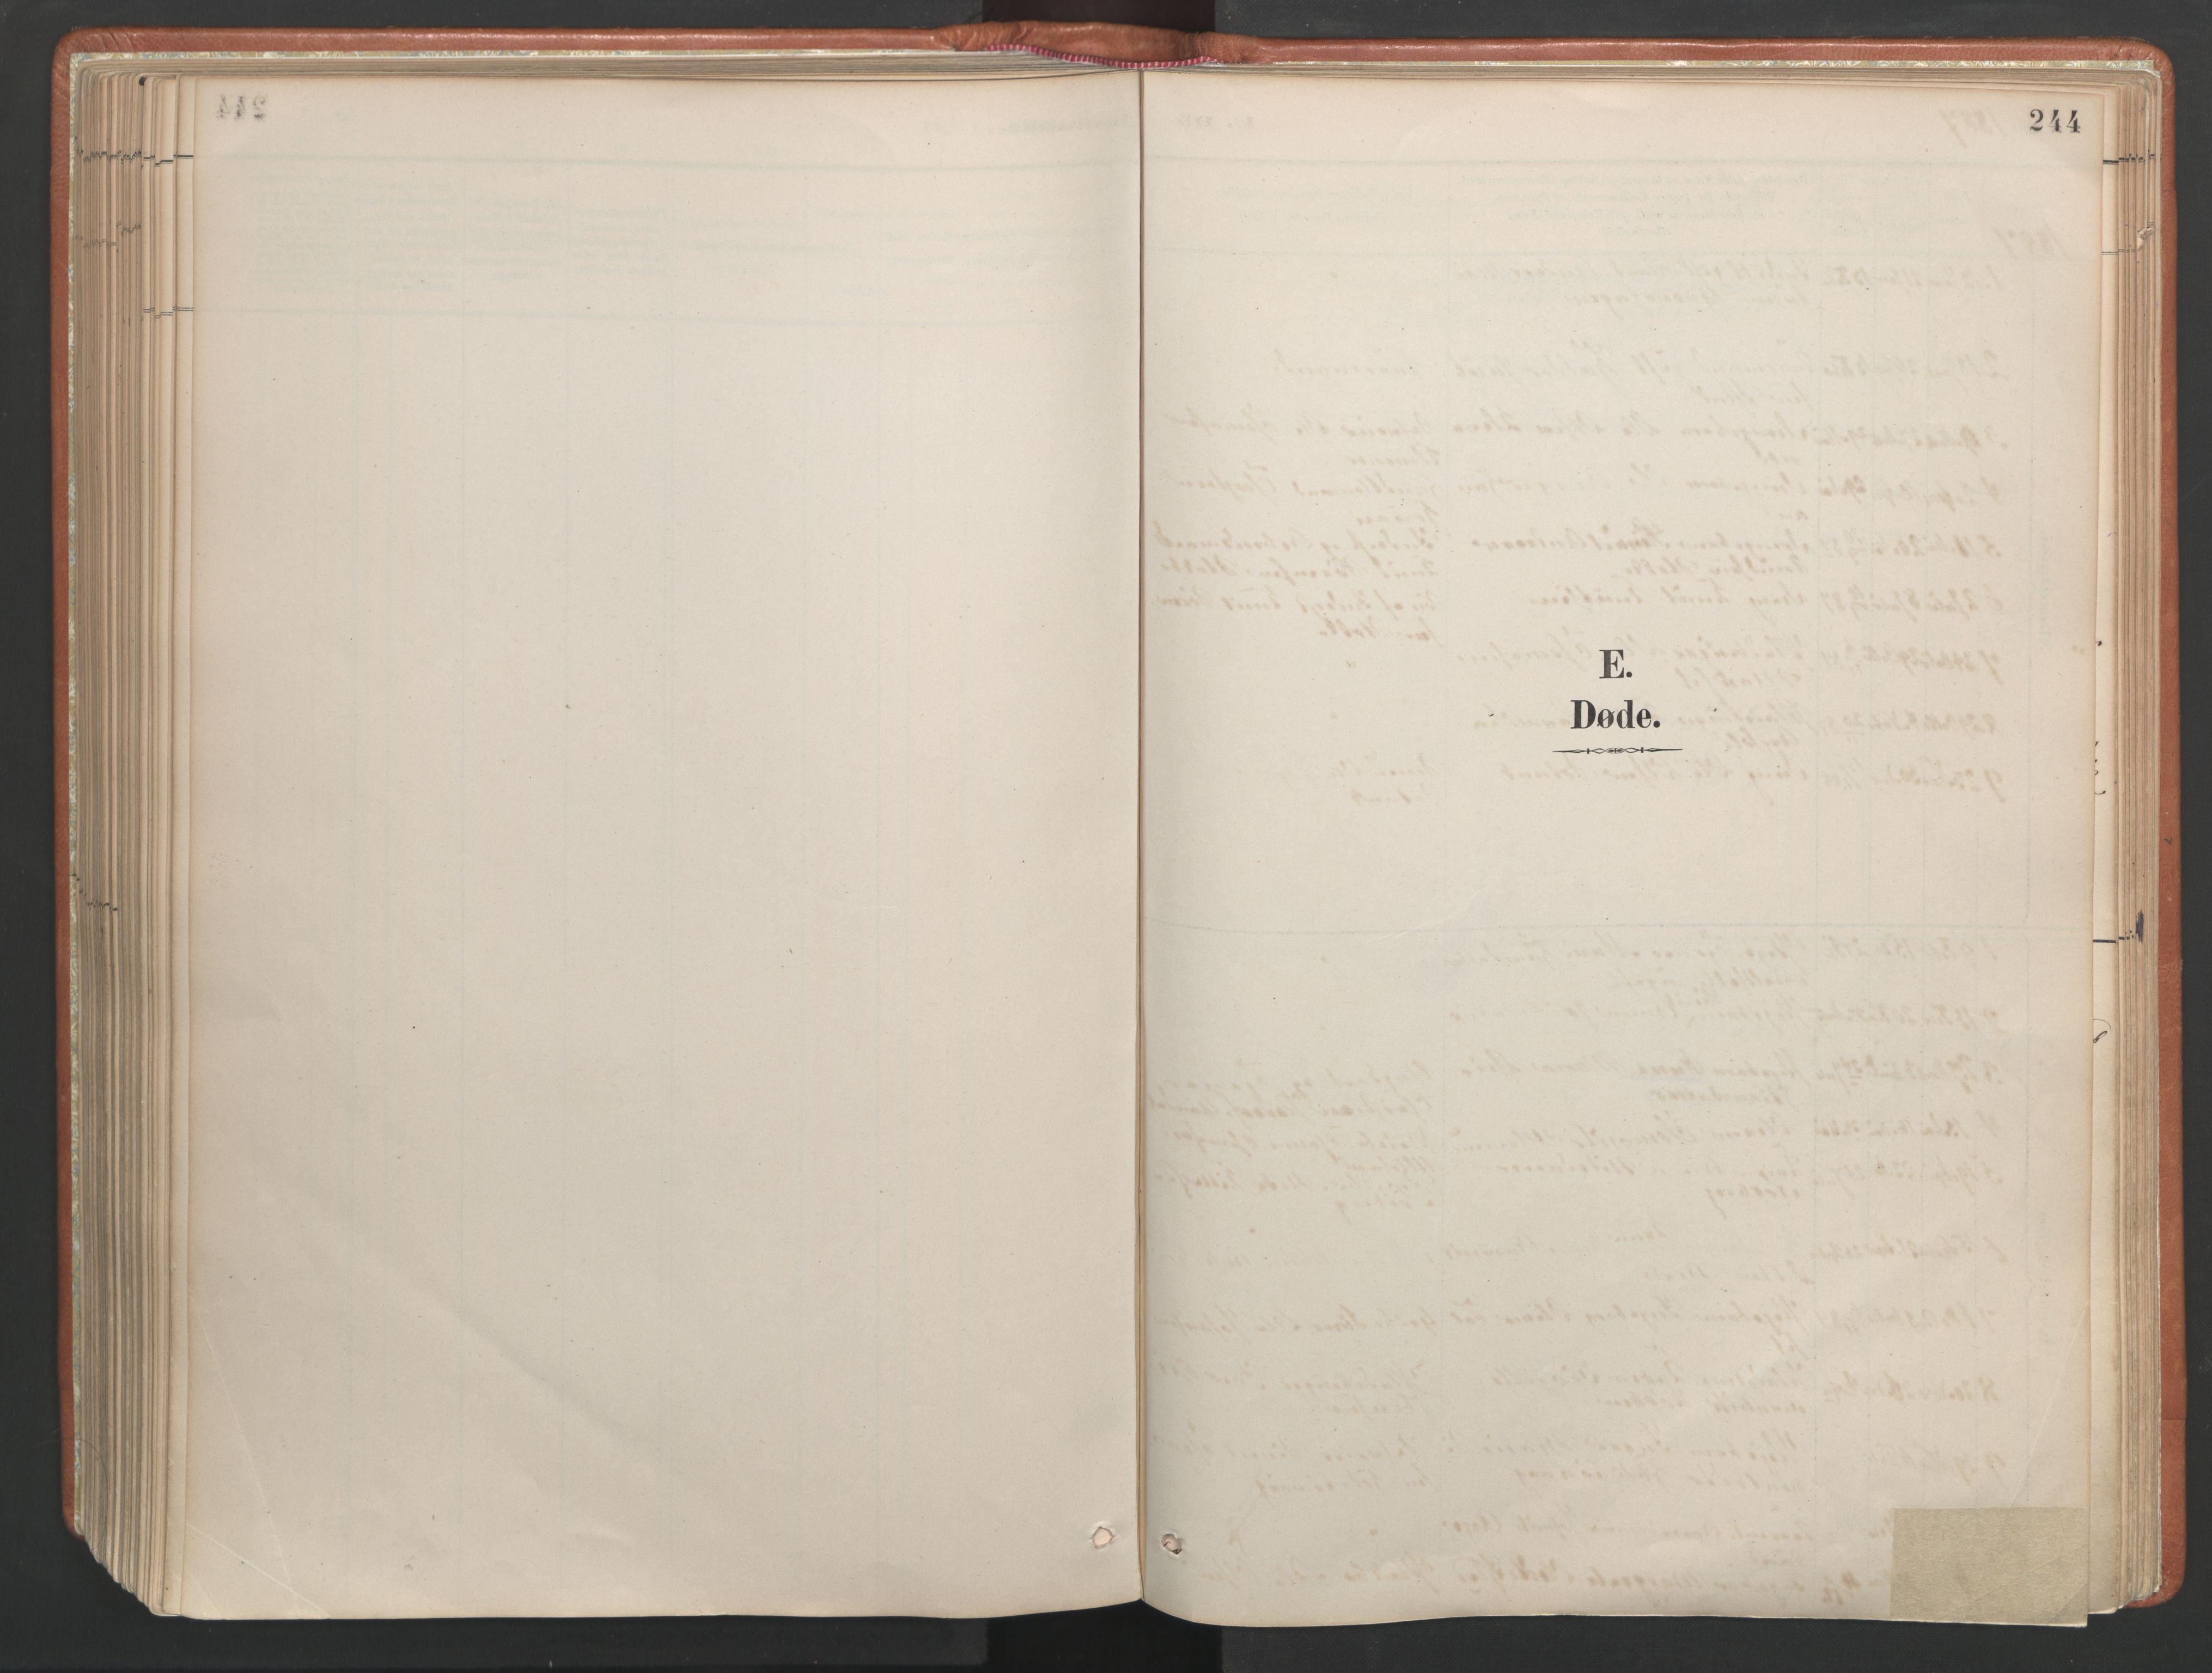 SAT, Ministerialprotokoller, klokkerbøker og fødselsregistre - Møre og Romsdal, 557/L0682: Ministerialbok nr. 557A04, 1887-1970, s. 244